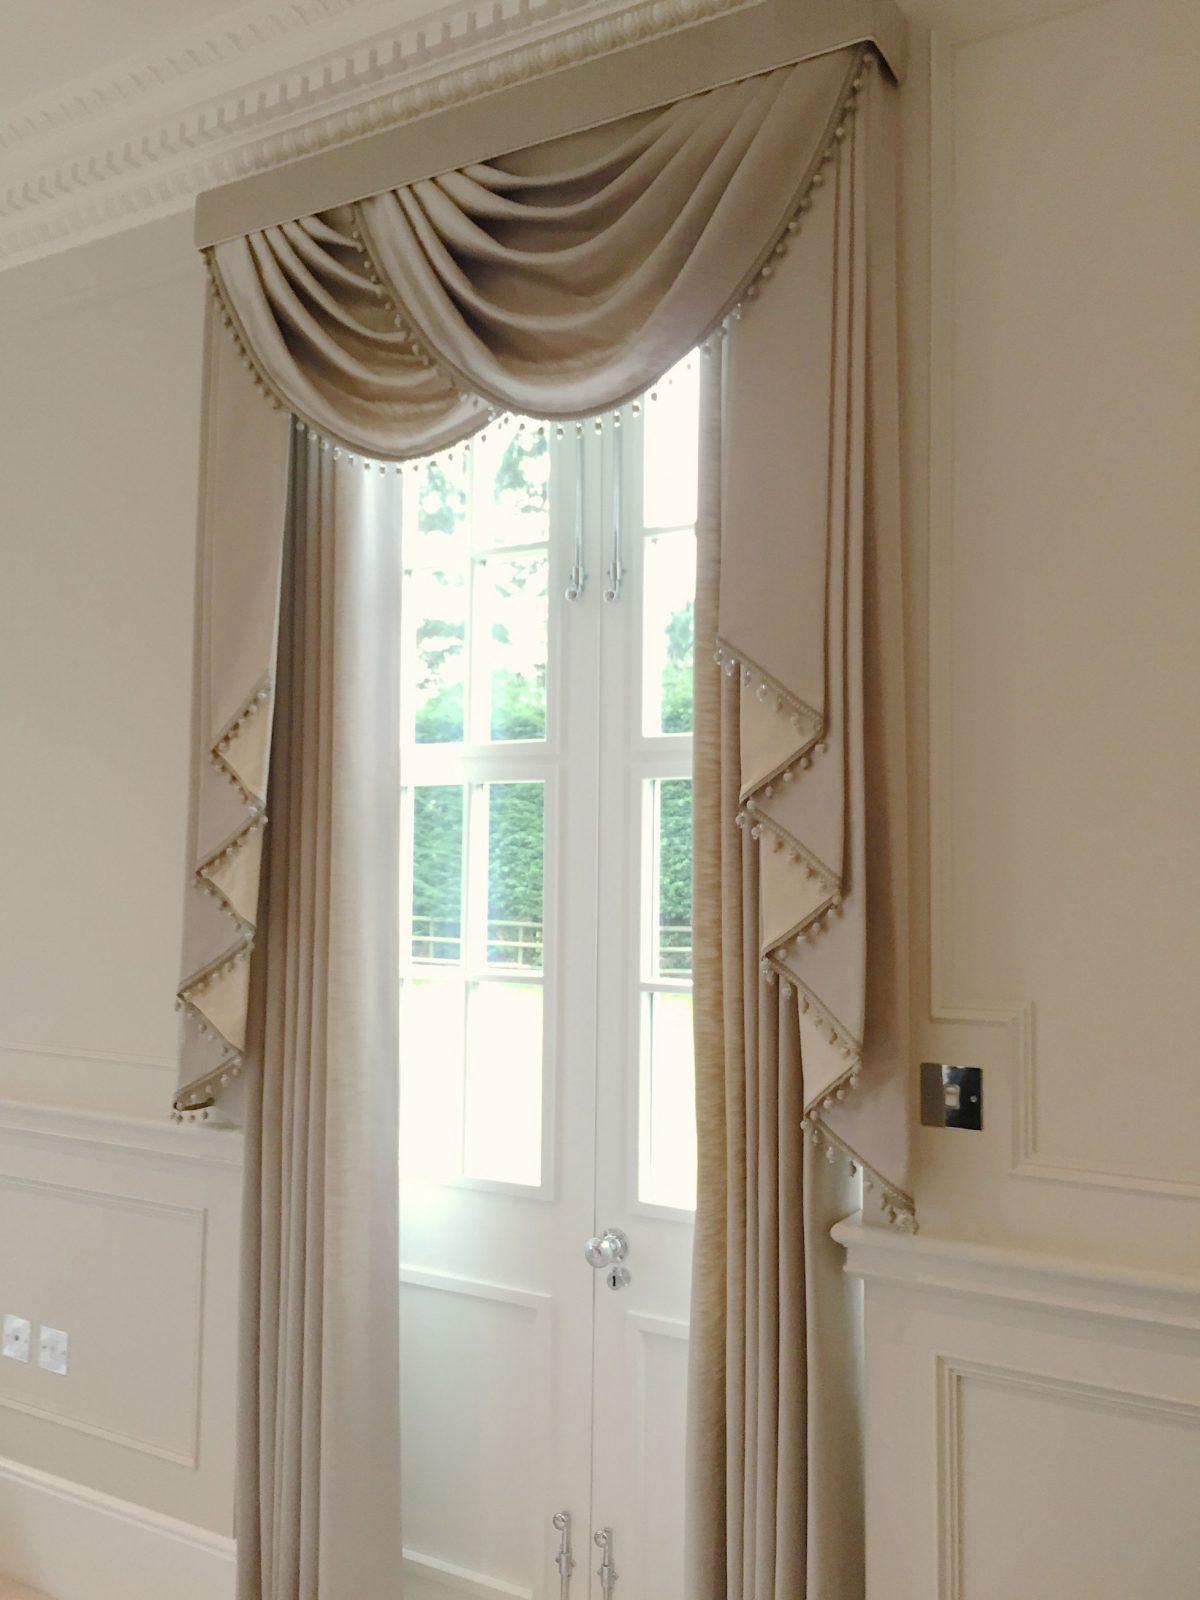 Elegante Fenster Schabracken Home Vorhang Ideen Eleganten von Schlafzimmer Vorhang Ideen Photo